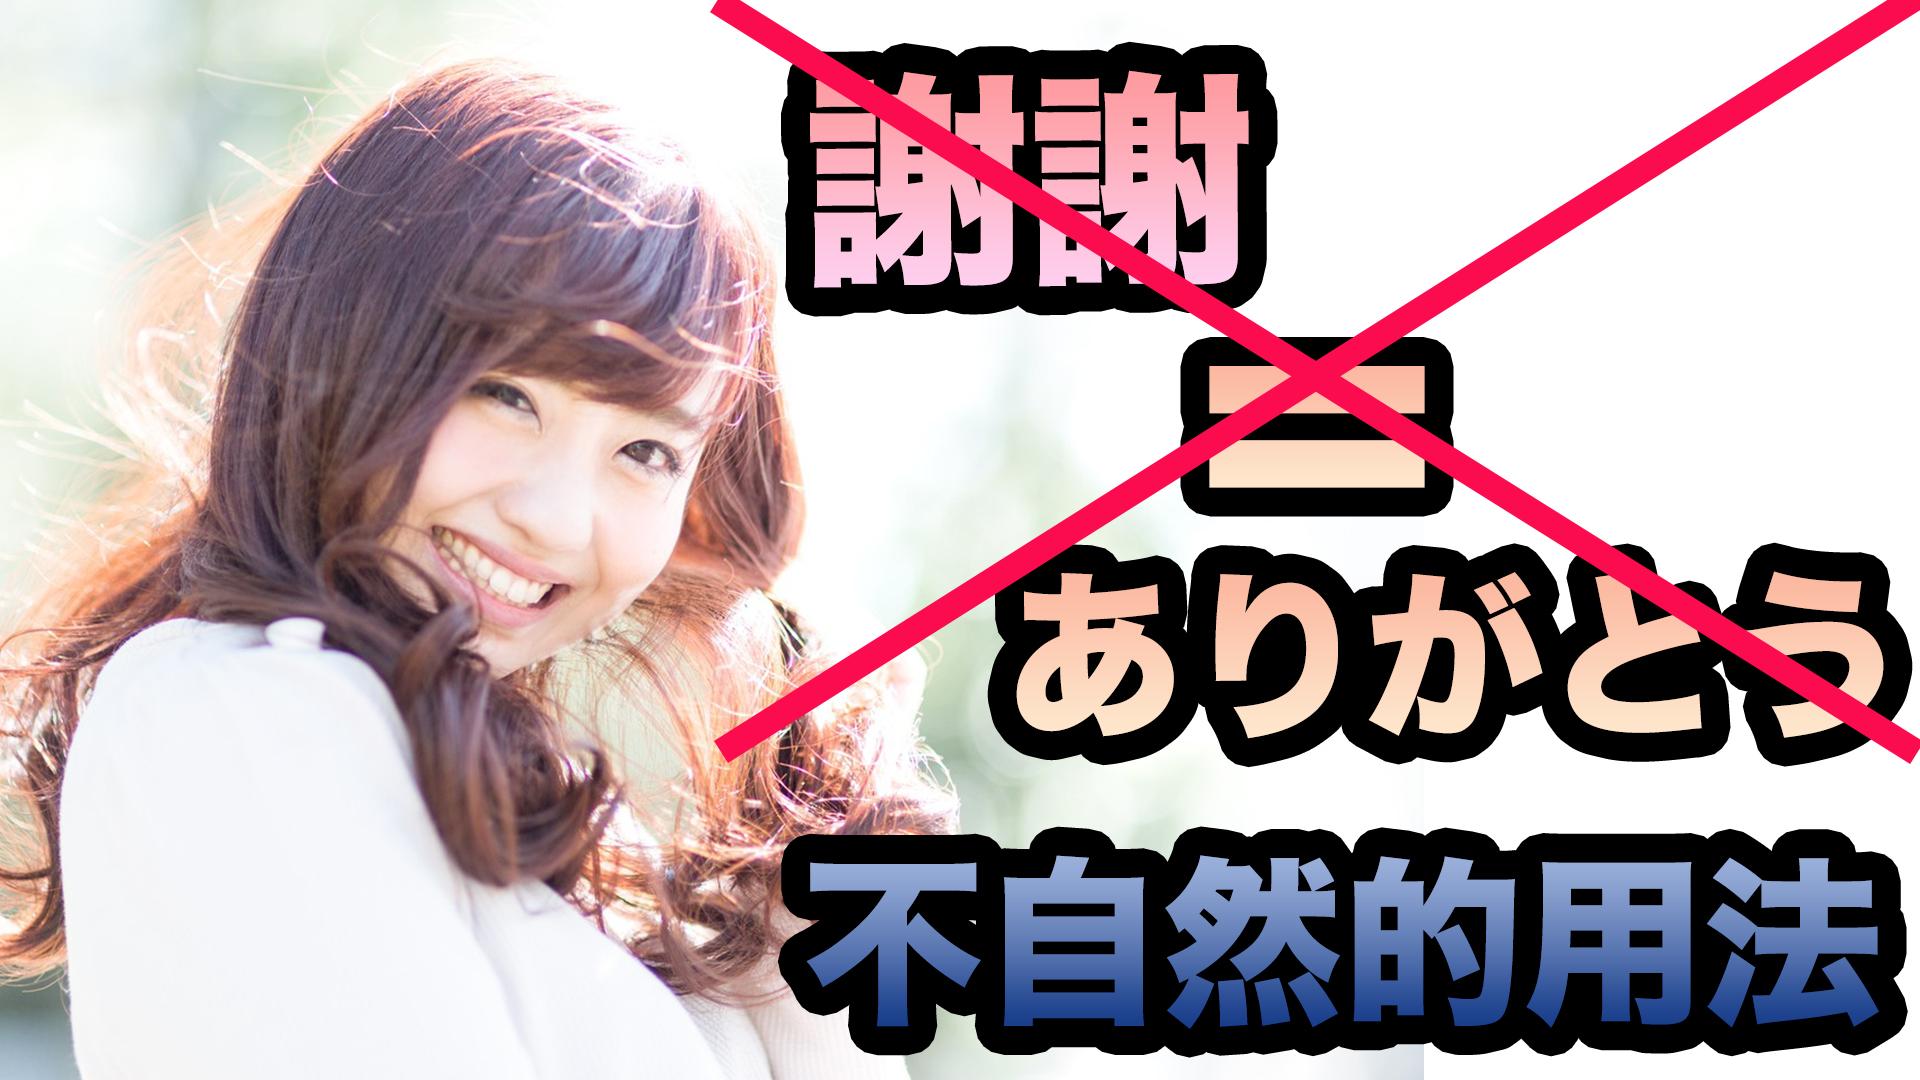 「謝謝」的日語=「ありがとう」是錯的?!不自然的「ありがとう」的用法 /「謝謝」の日本語=「ありがとう」は間違い?!不自然な「ありがとう」の使い方